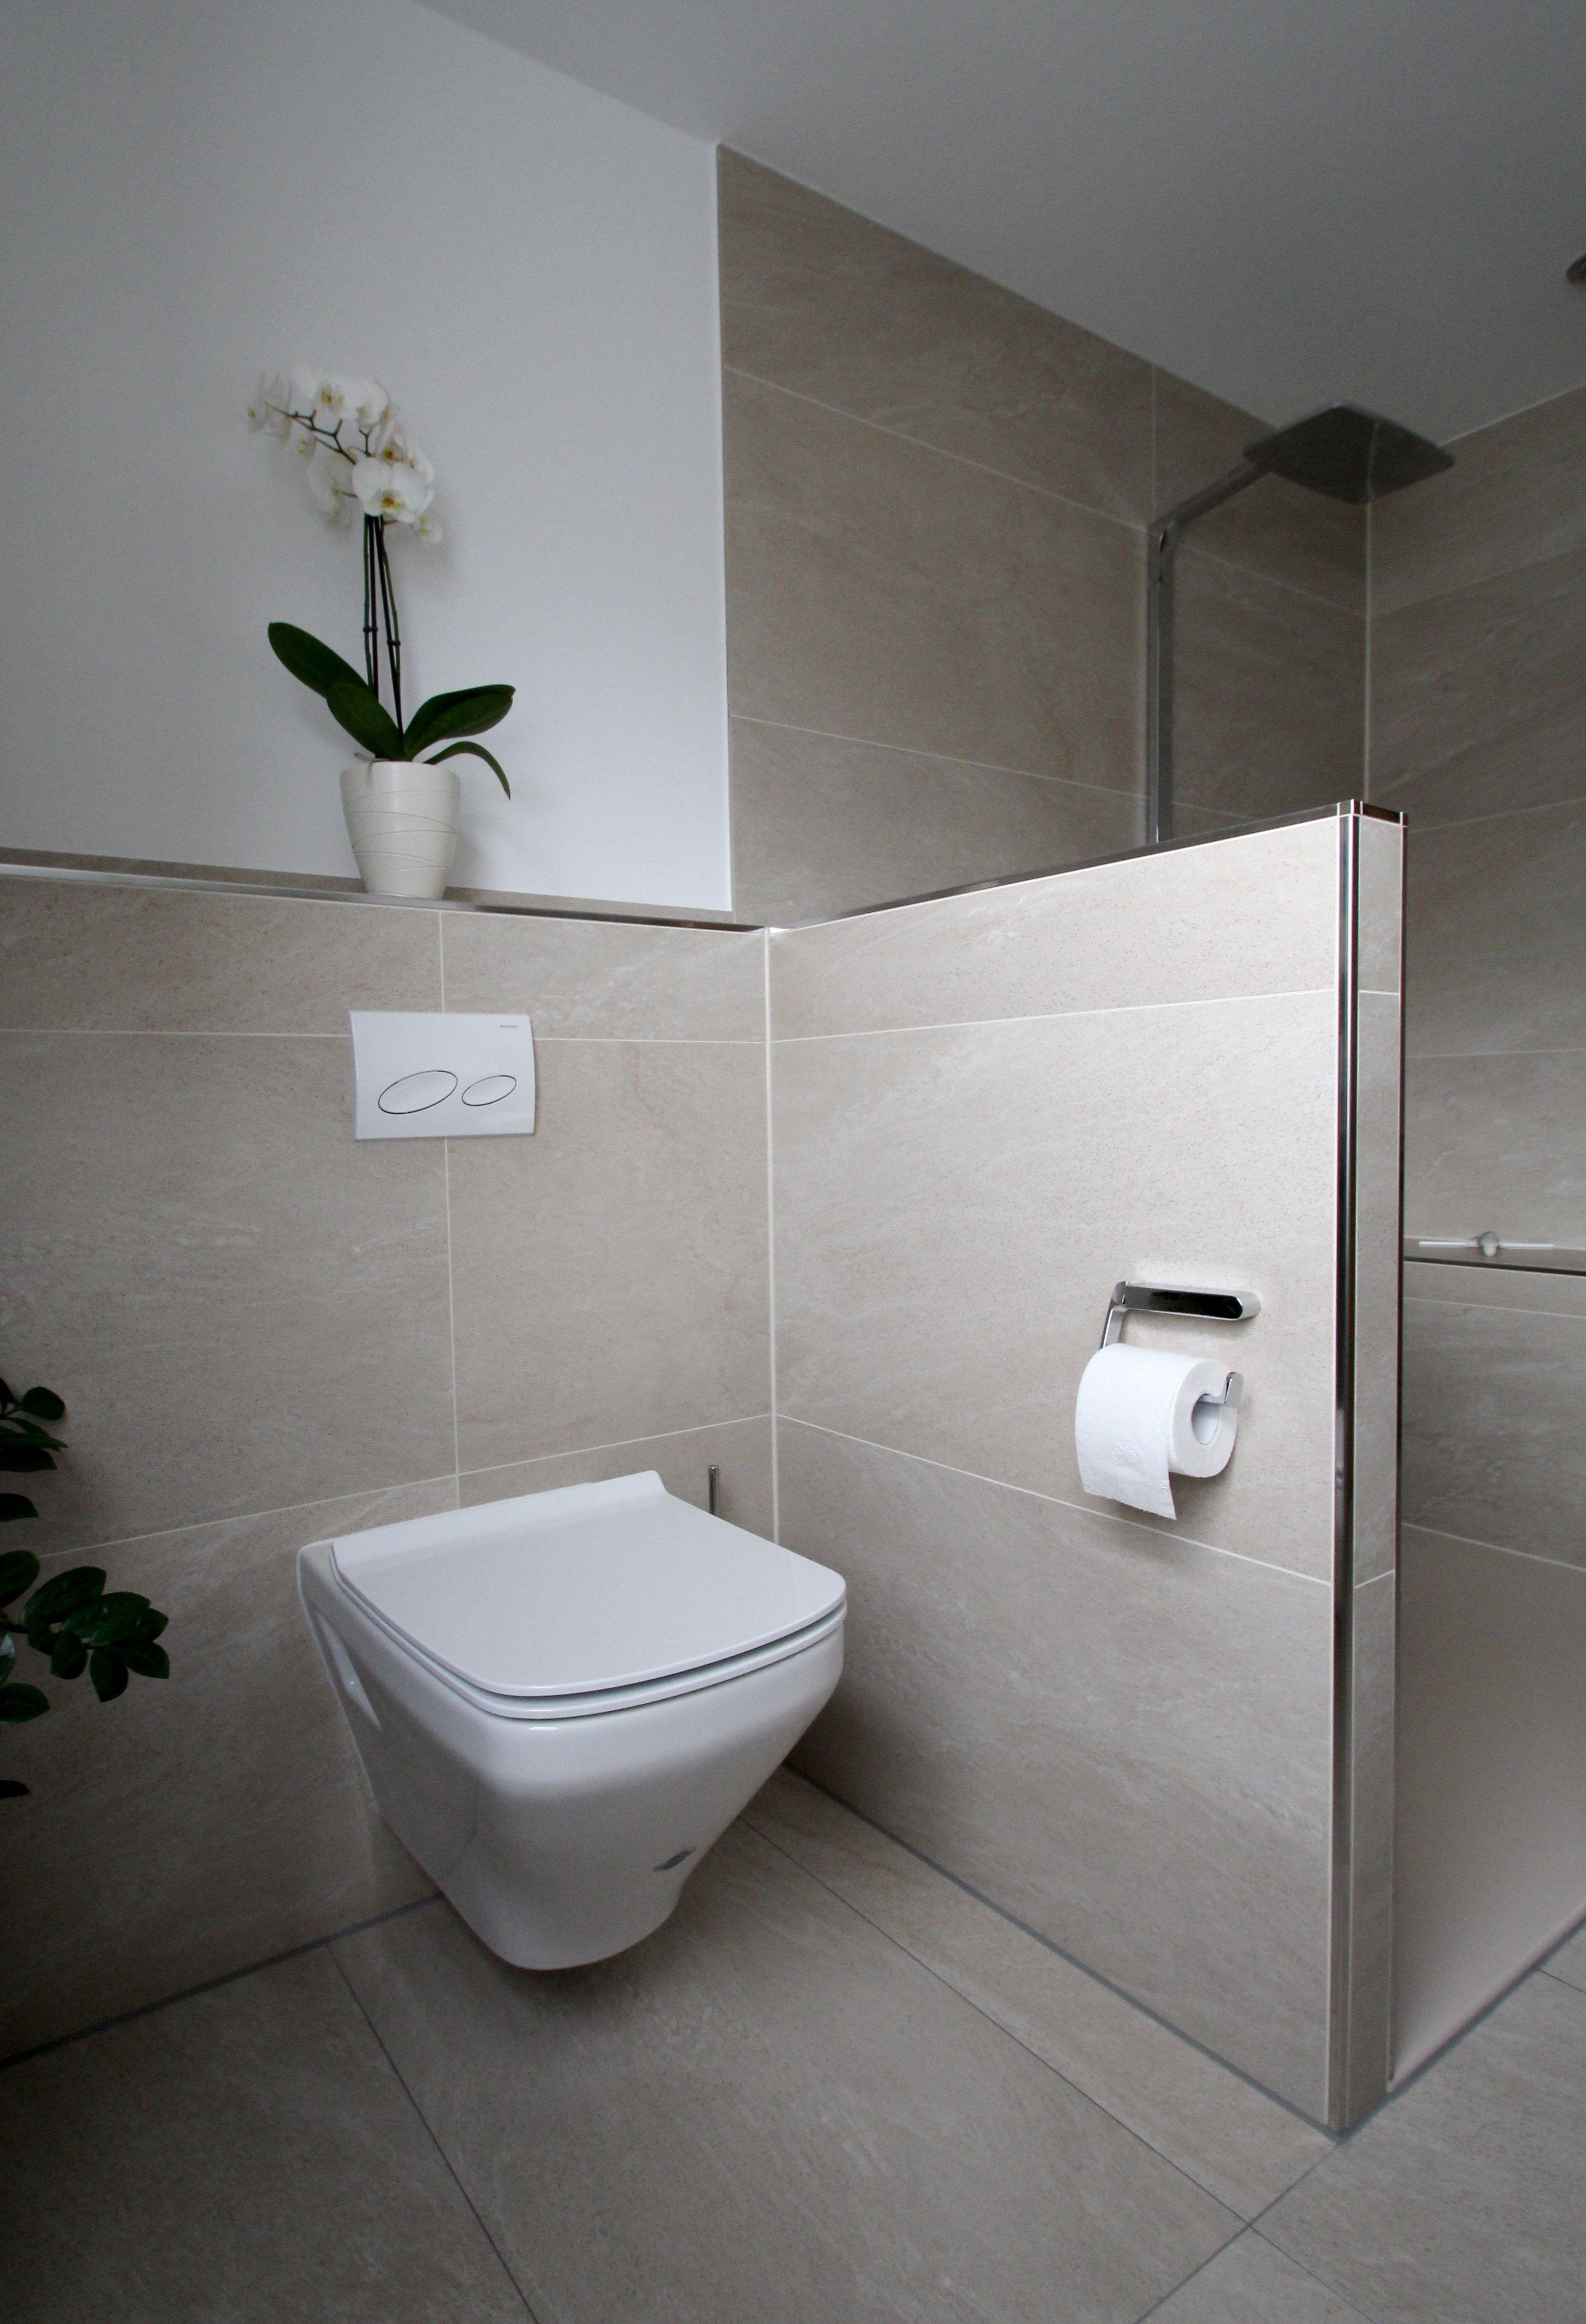 Badezimmer ideen über toilette duschseitig bietet die trennwand einen praktischen spritzschutz wc